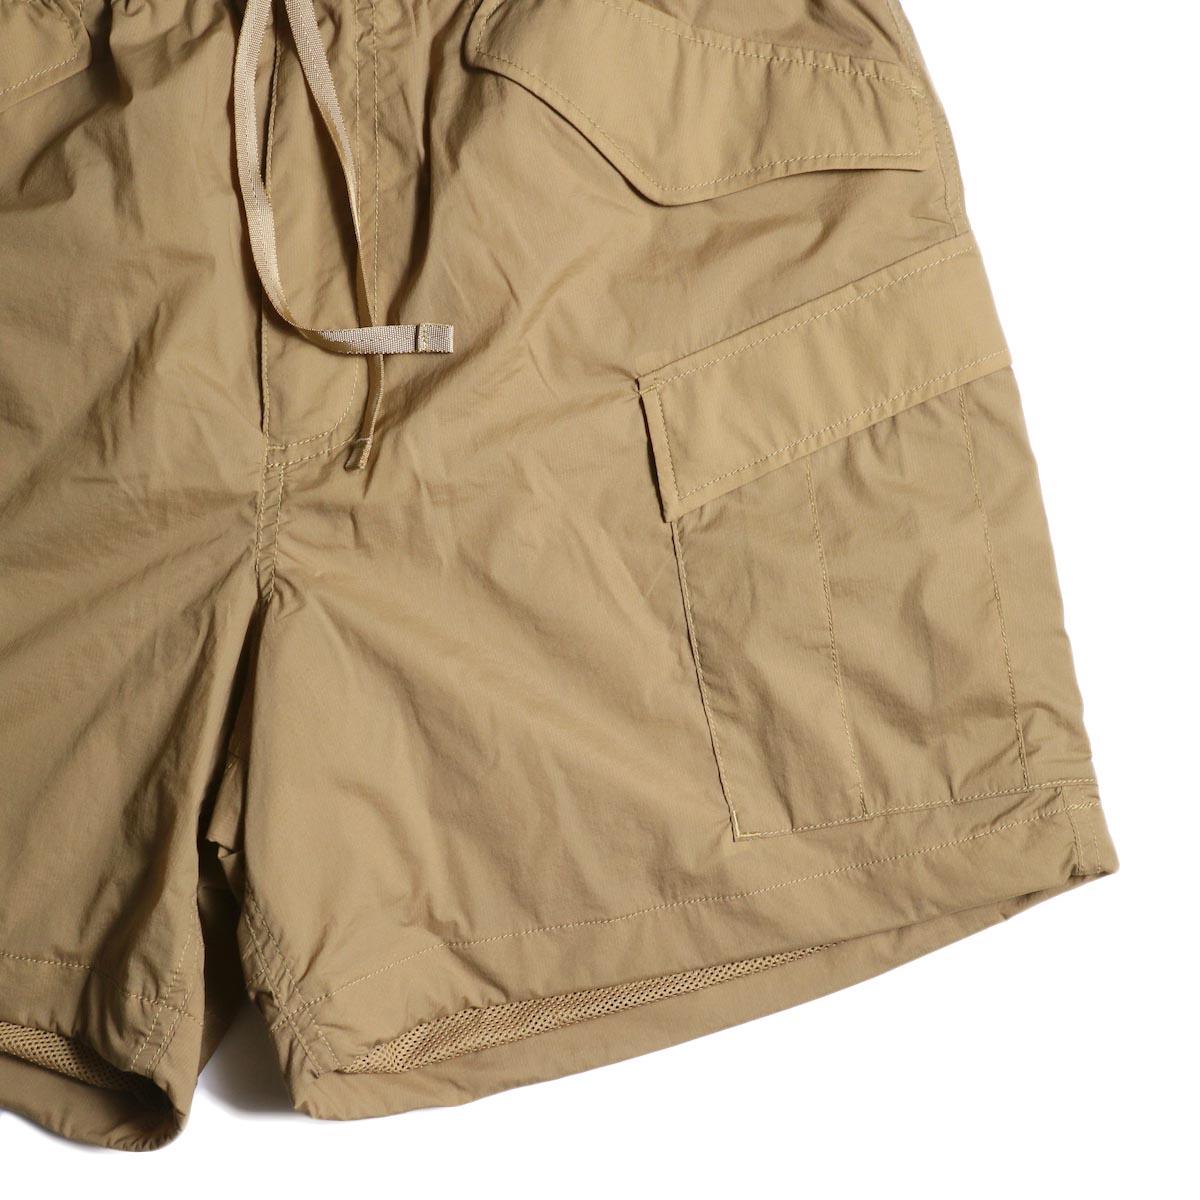 DAIWA PIER39 / Micro Rip-Stop Easy 6P Shorts (Tan) ポケット